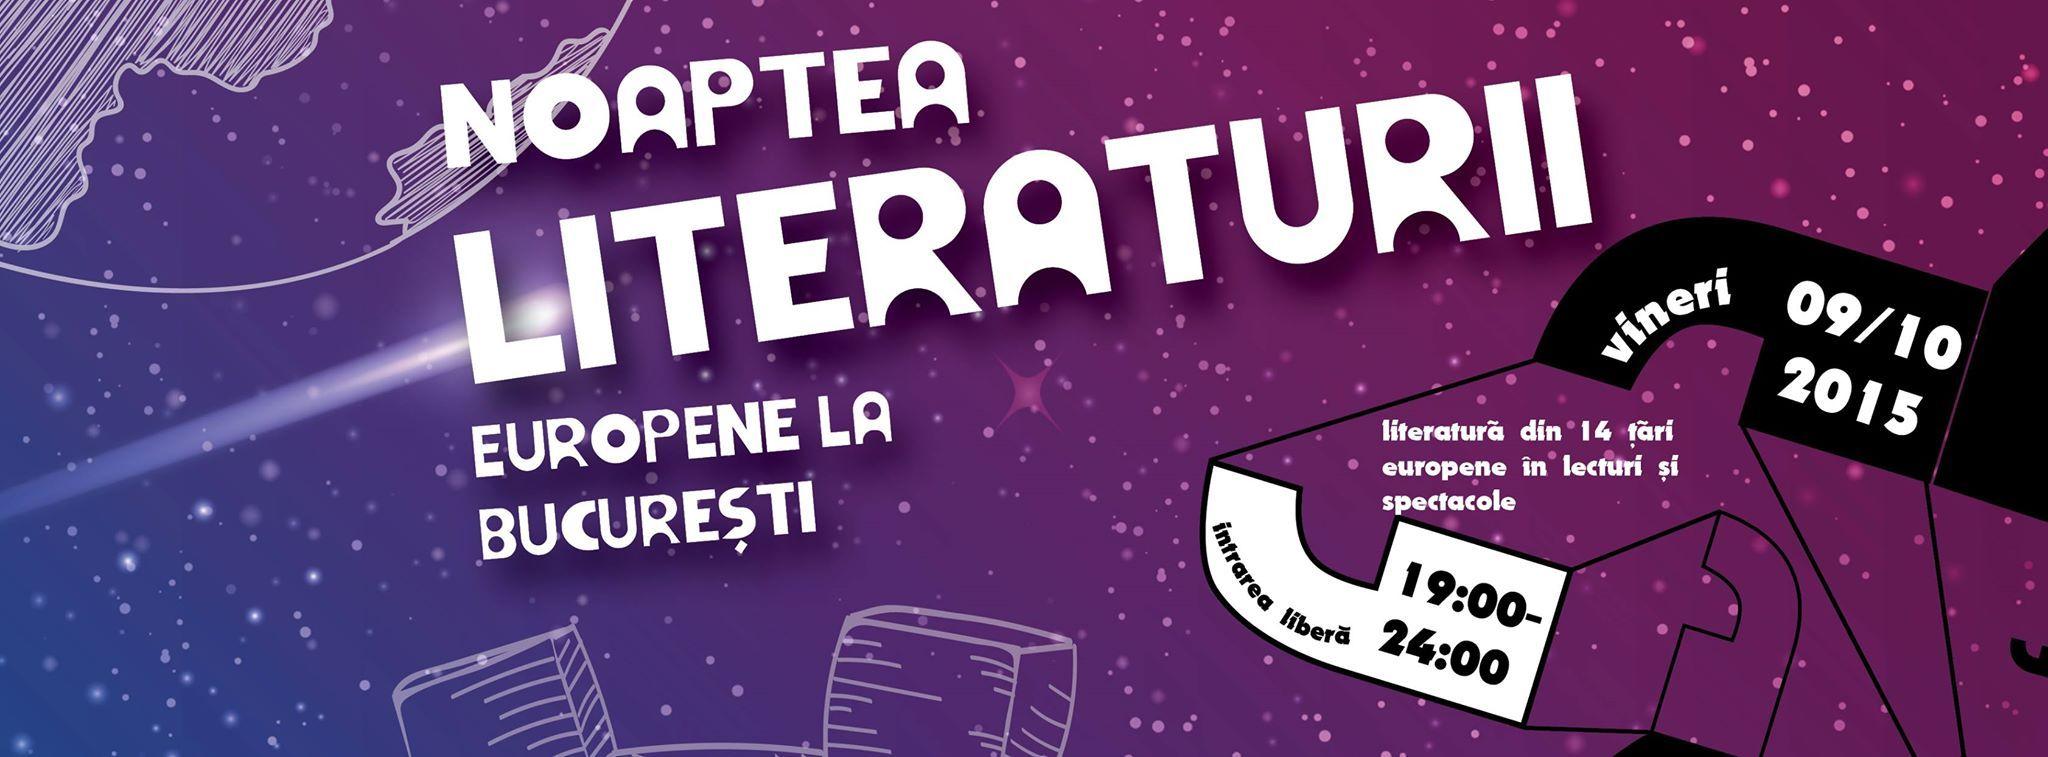 Noaptea Literaturii Europene 2015